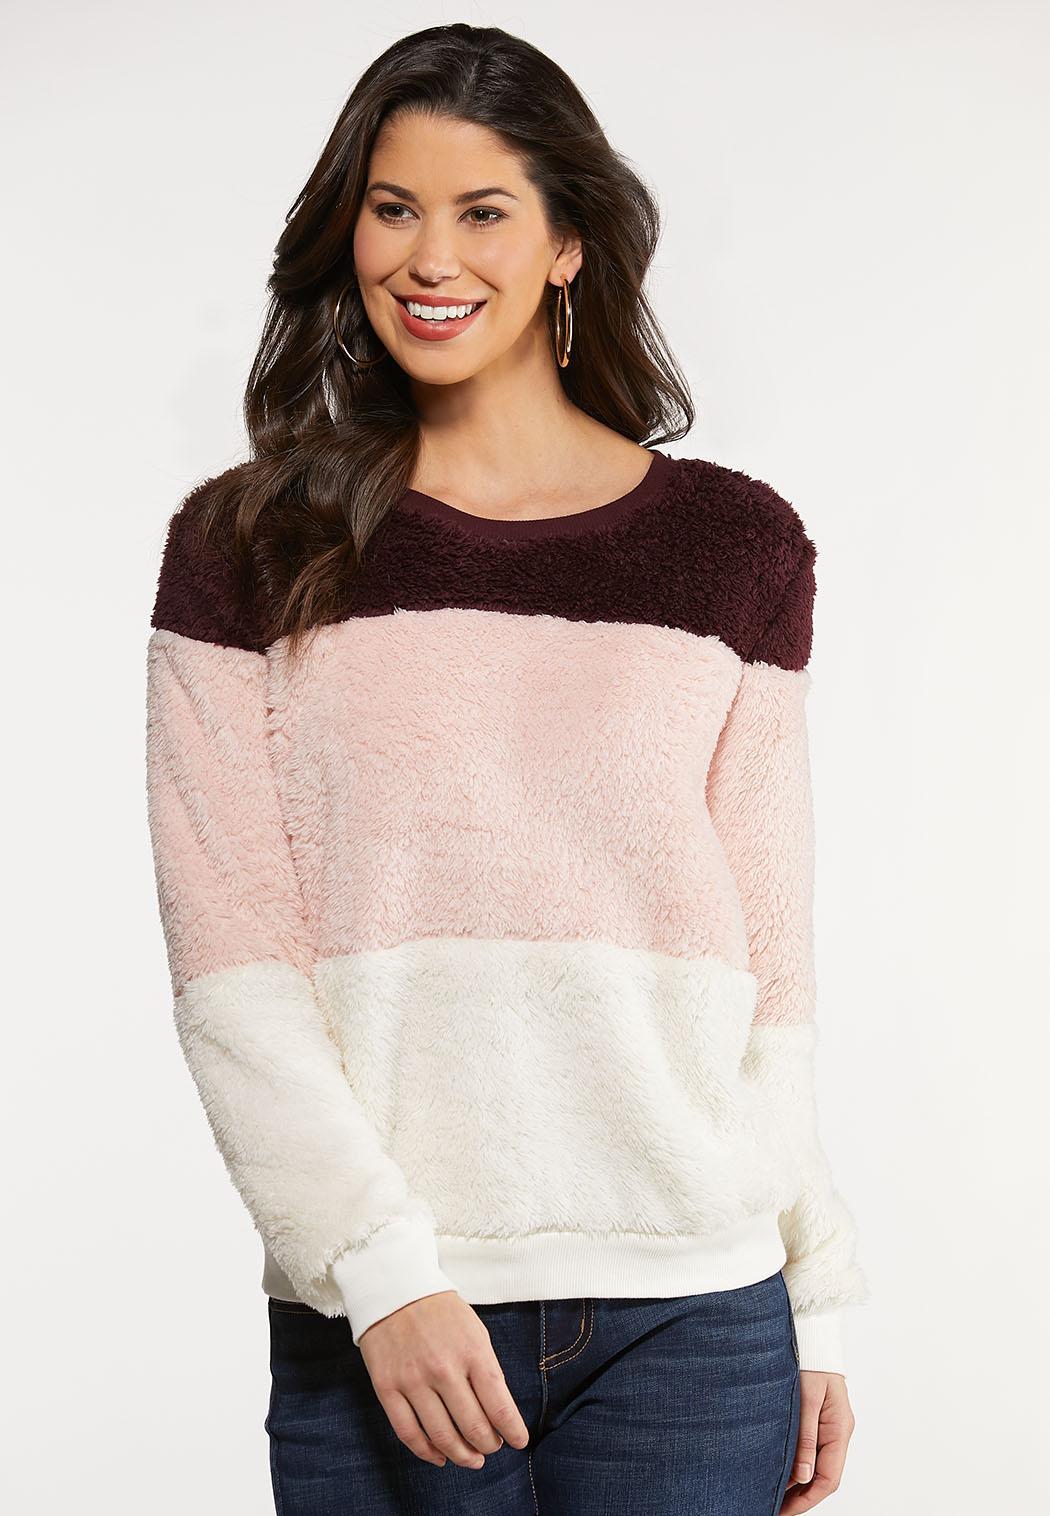 Colorblock Fleece Top